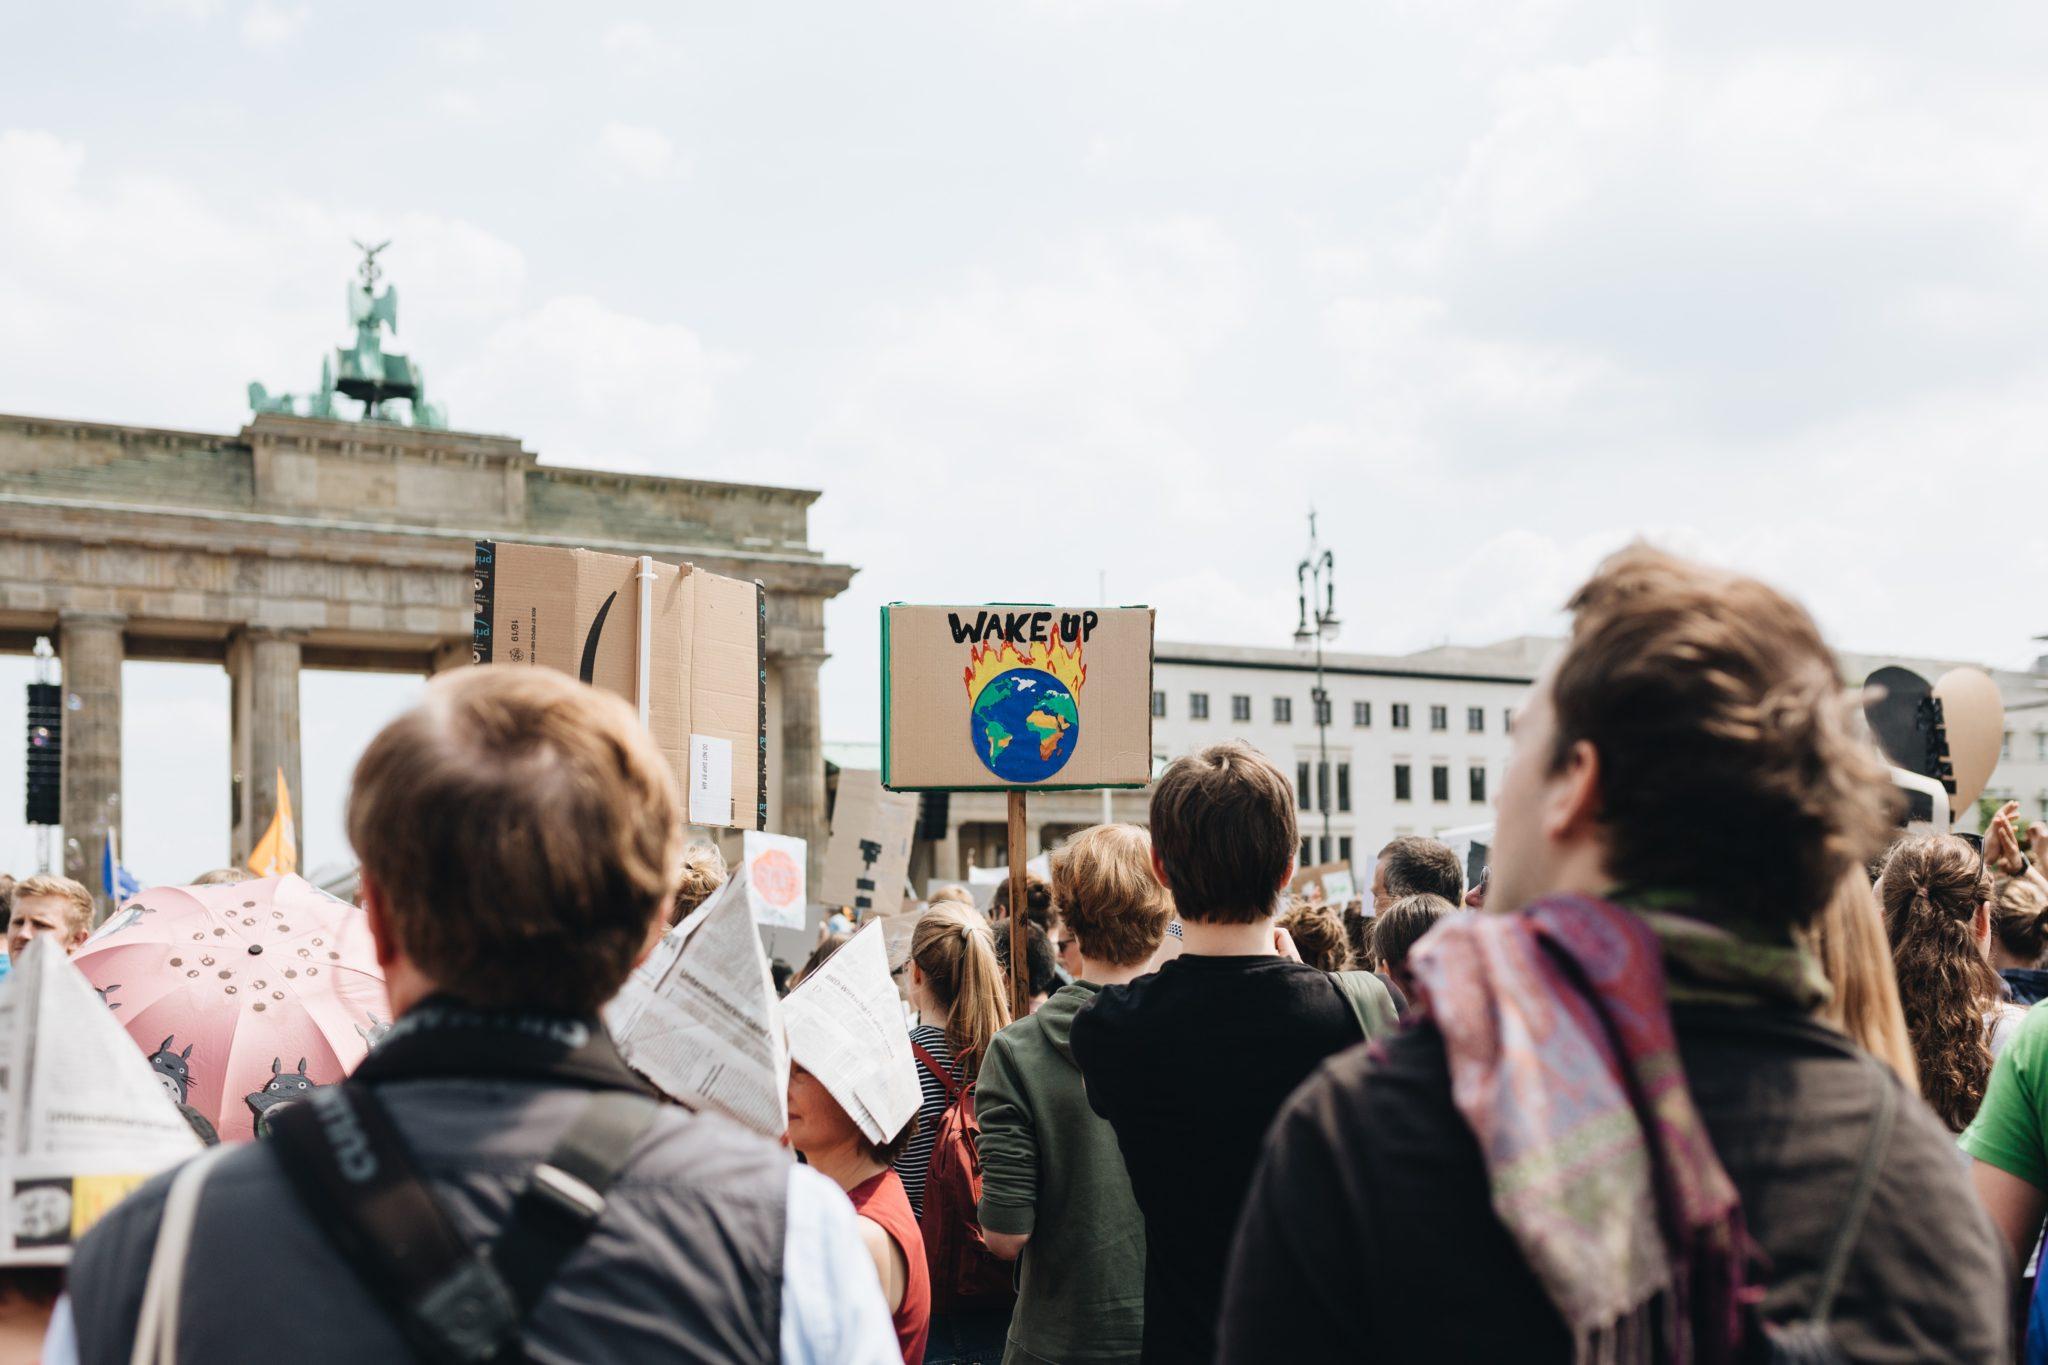 Schulstreikbewegung: eine Fridays for Future-Demonstration. Viele Menschen stehen vor dem Brandenburger Tor. Ein Demoschild mit einer brennenden Erde ragt aus der Menge heraus